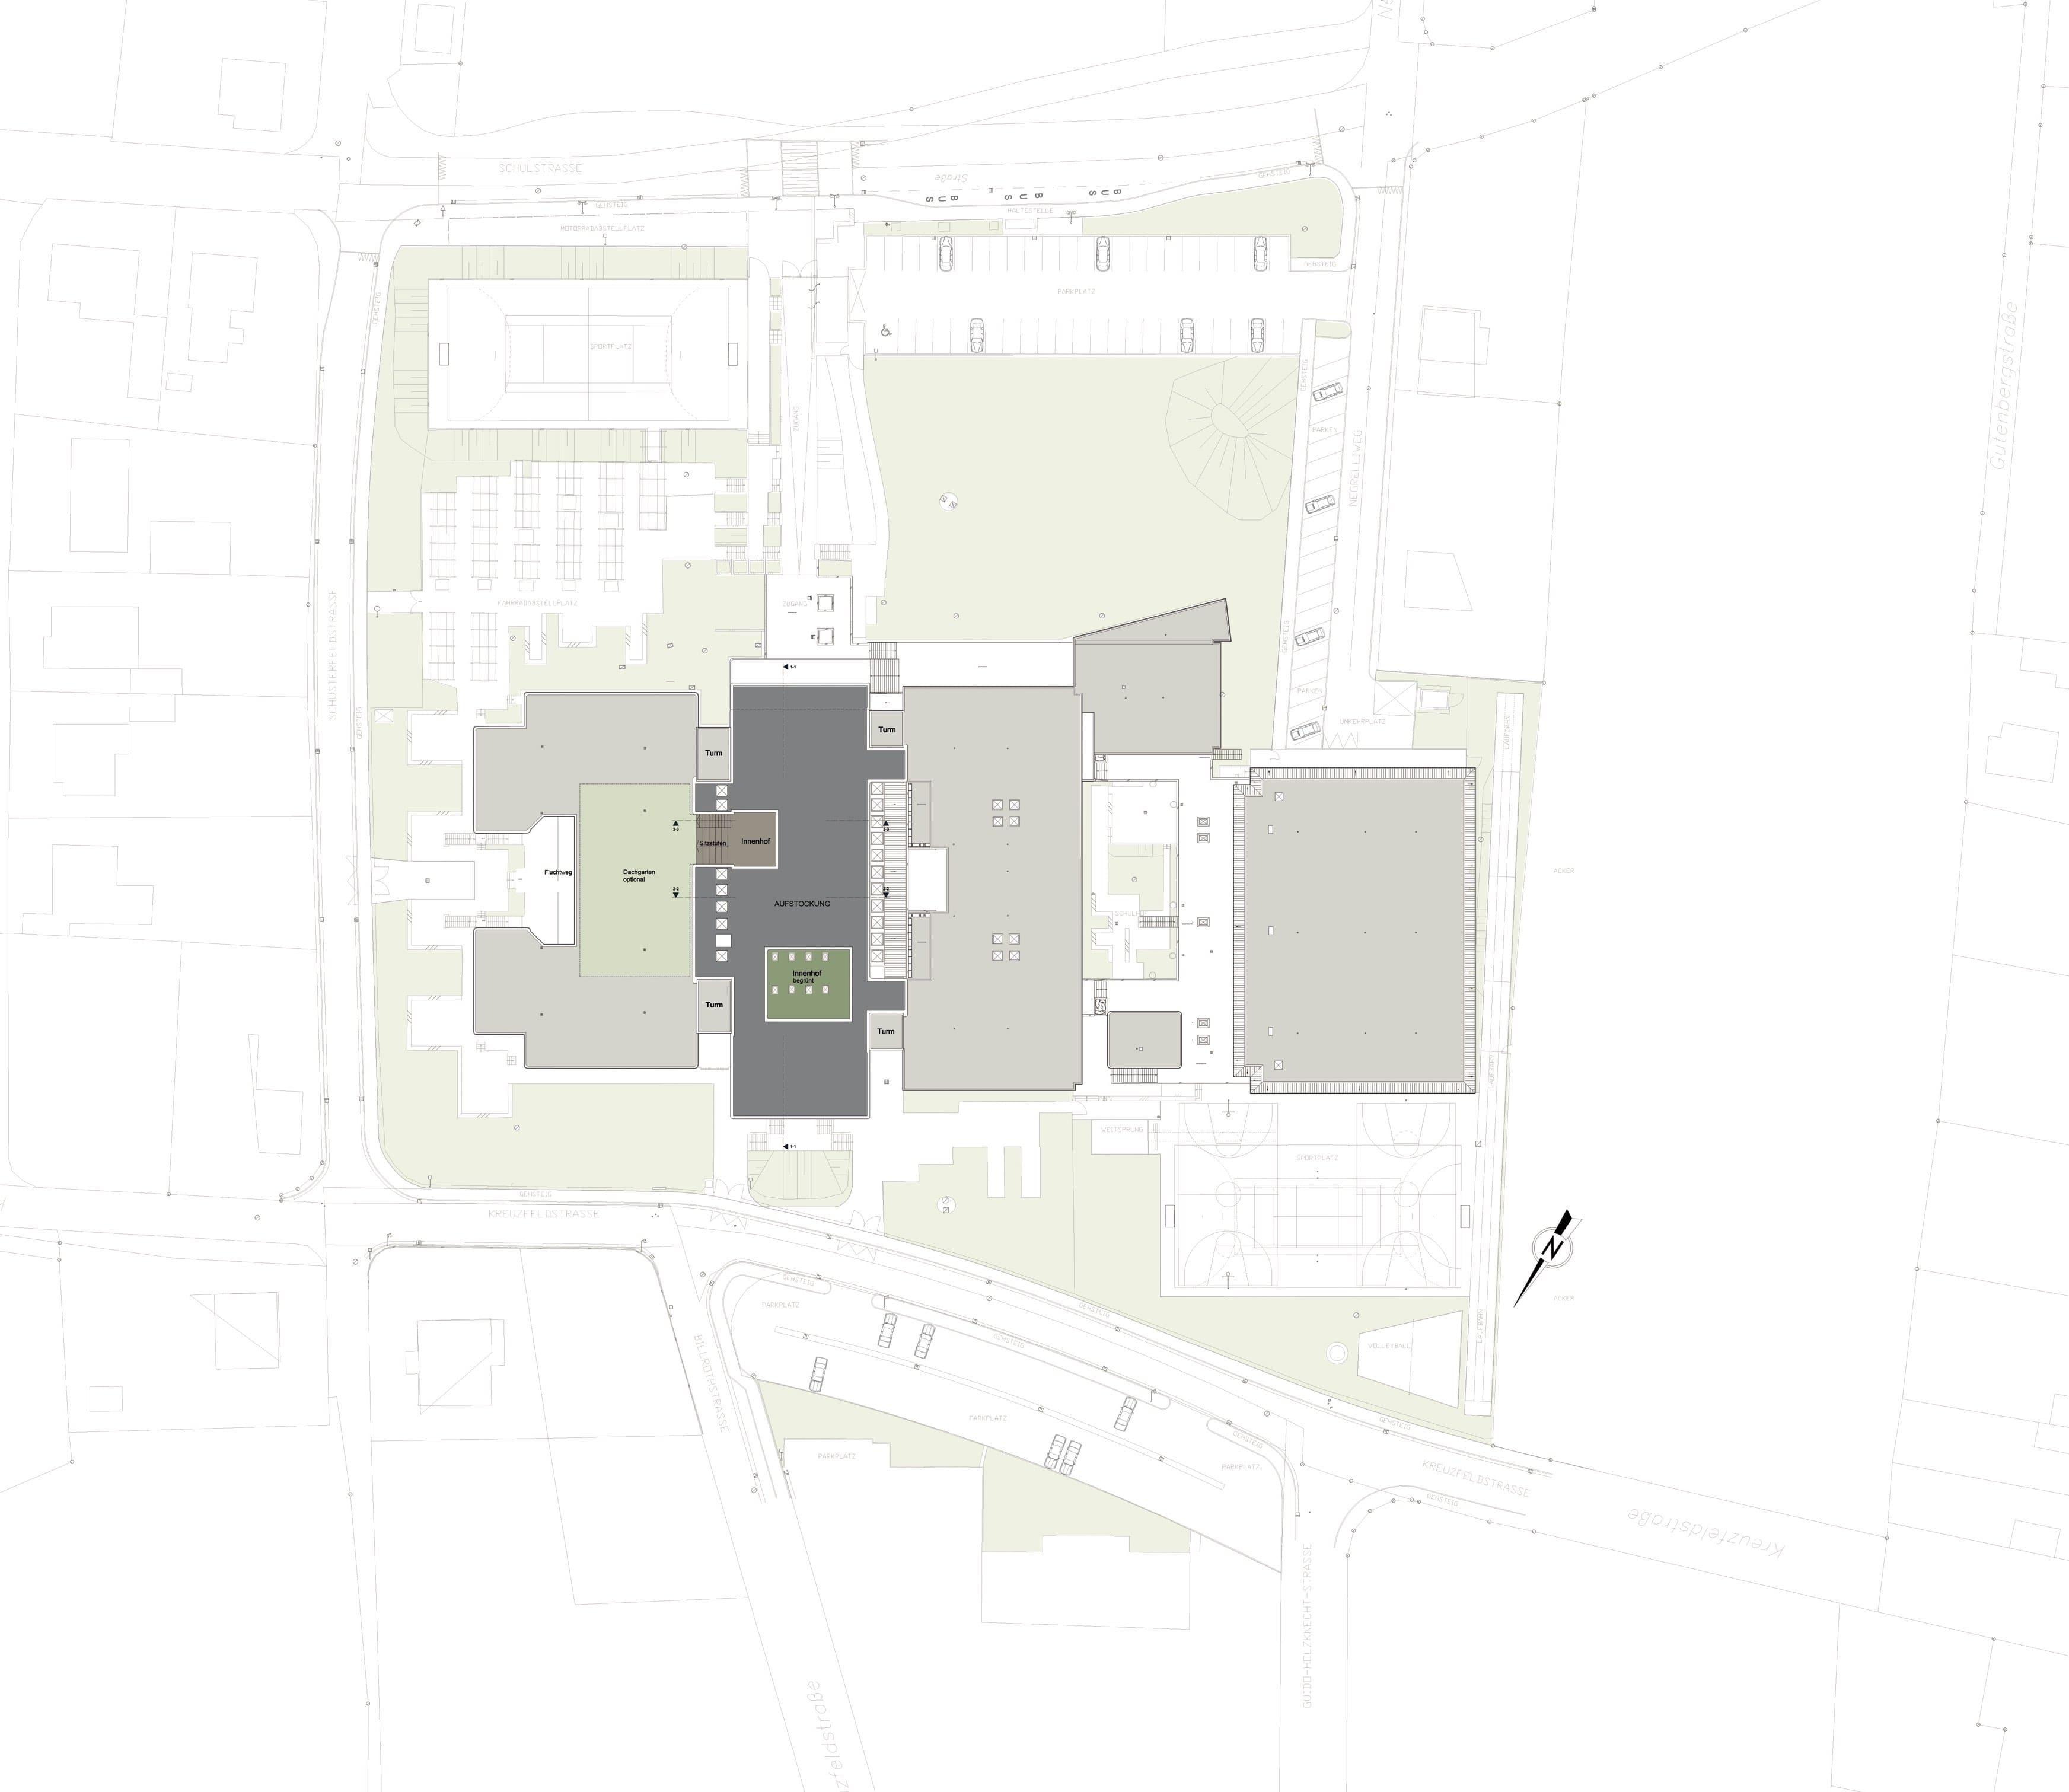 Architekturwettbewerb, Bundesschulzentrum Traun, Schule